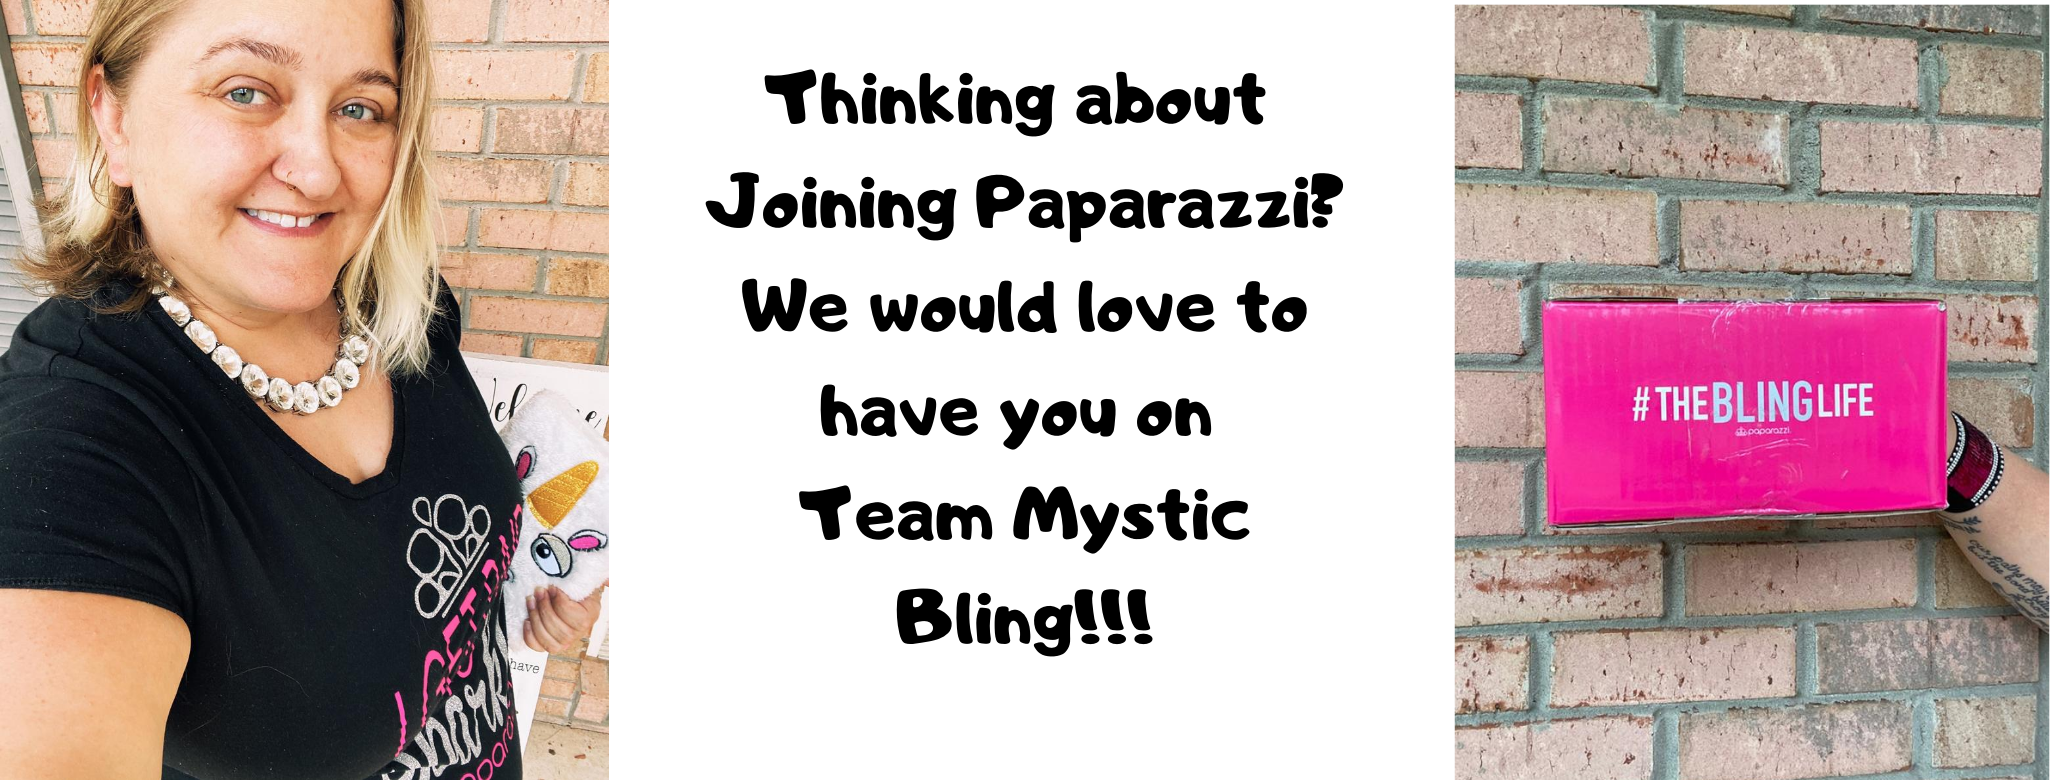 Joining Paparazzi